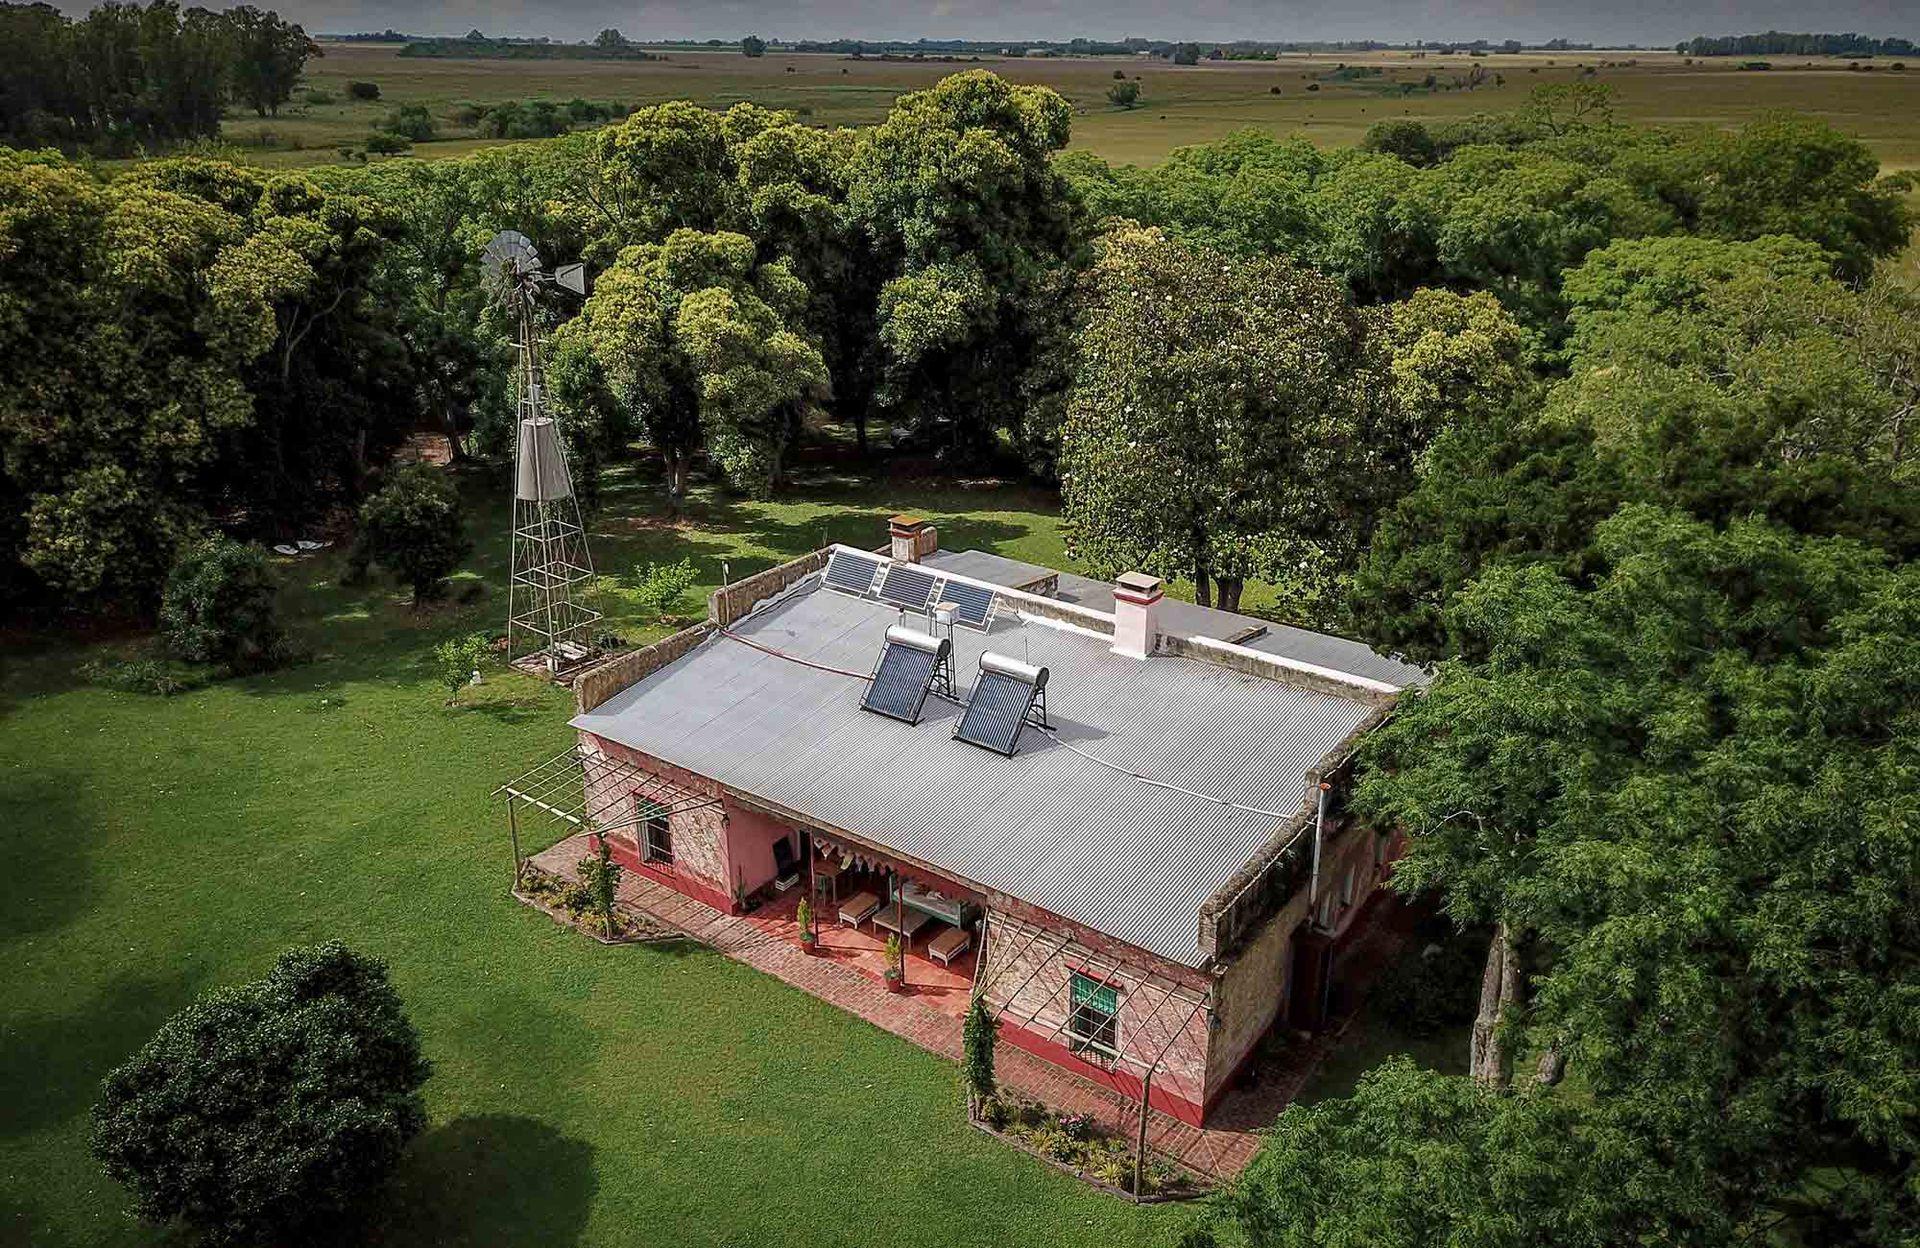 Vista aérea de la casa de huéspedes de Raucho.